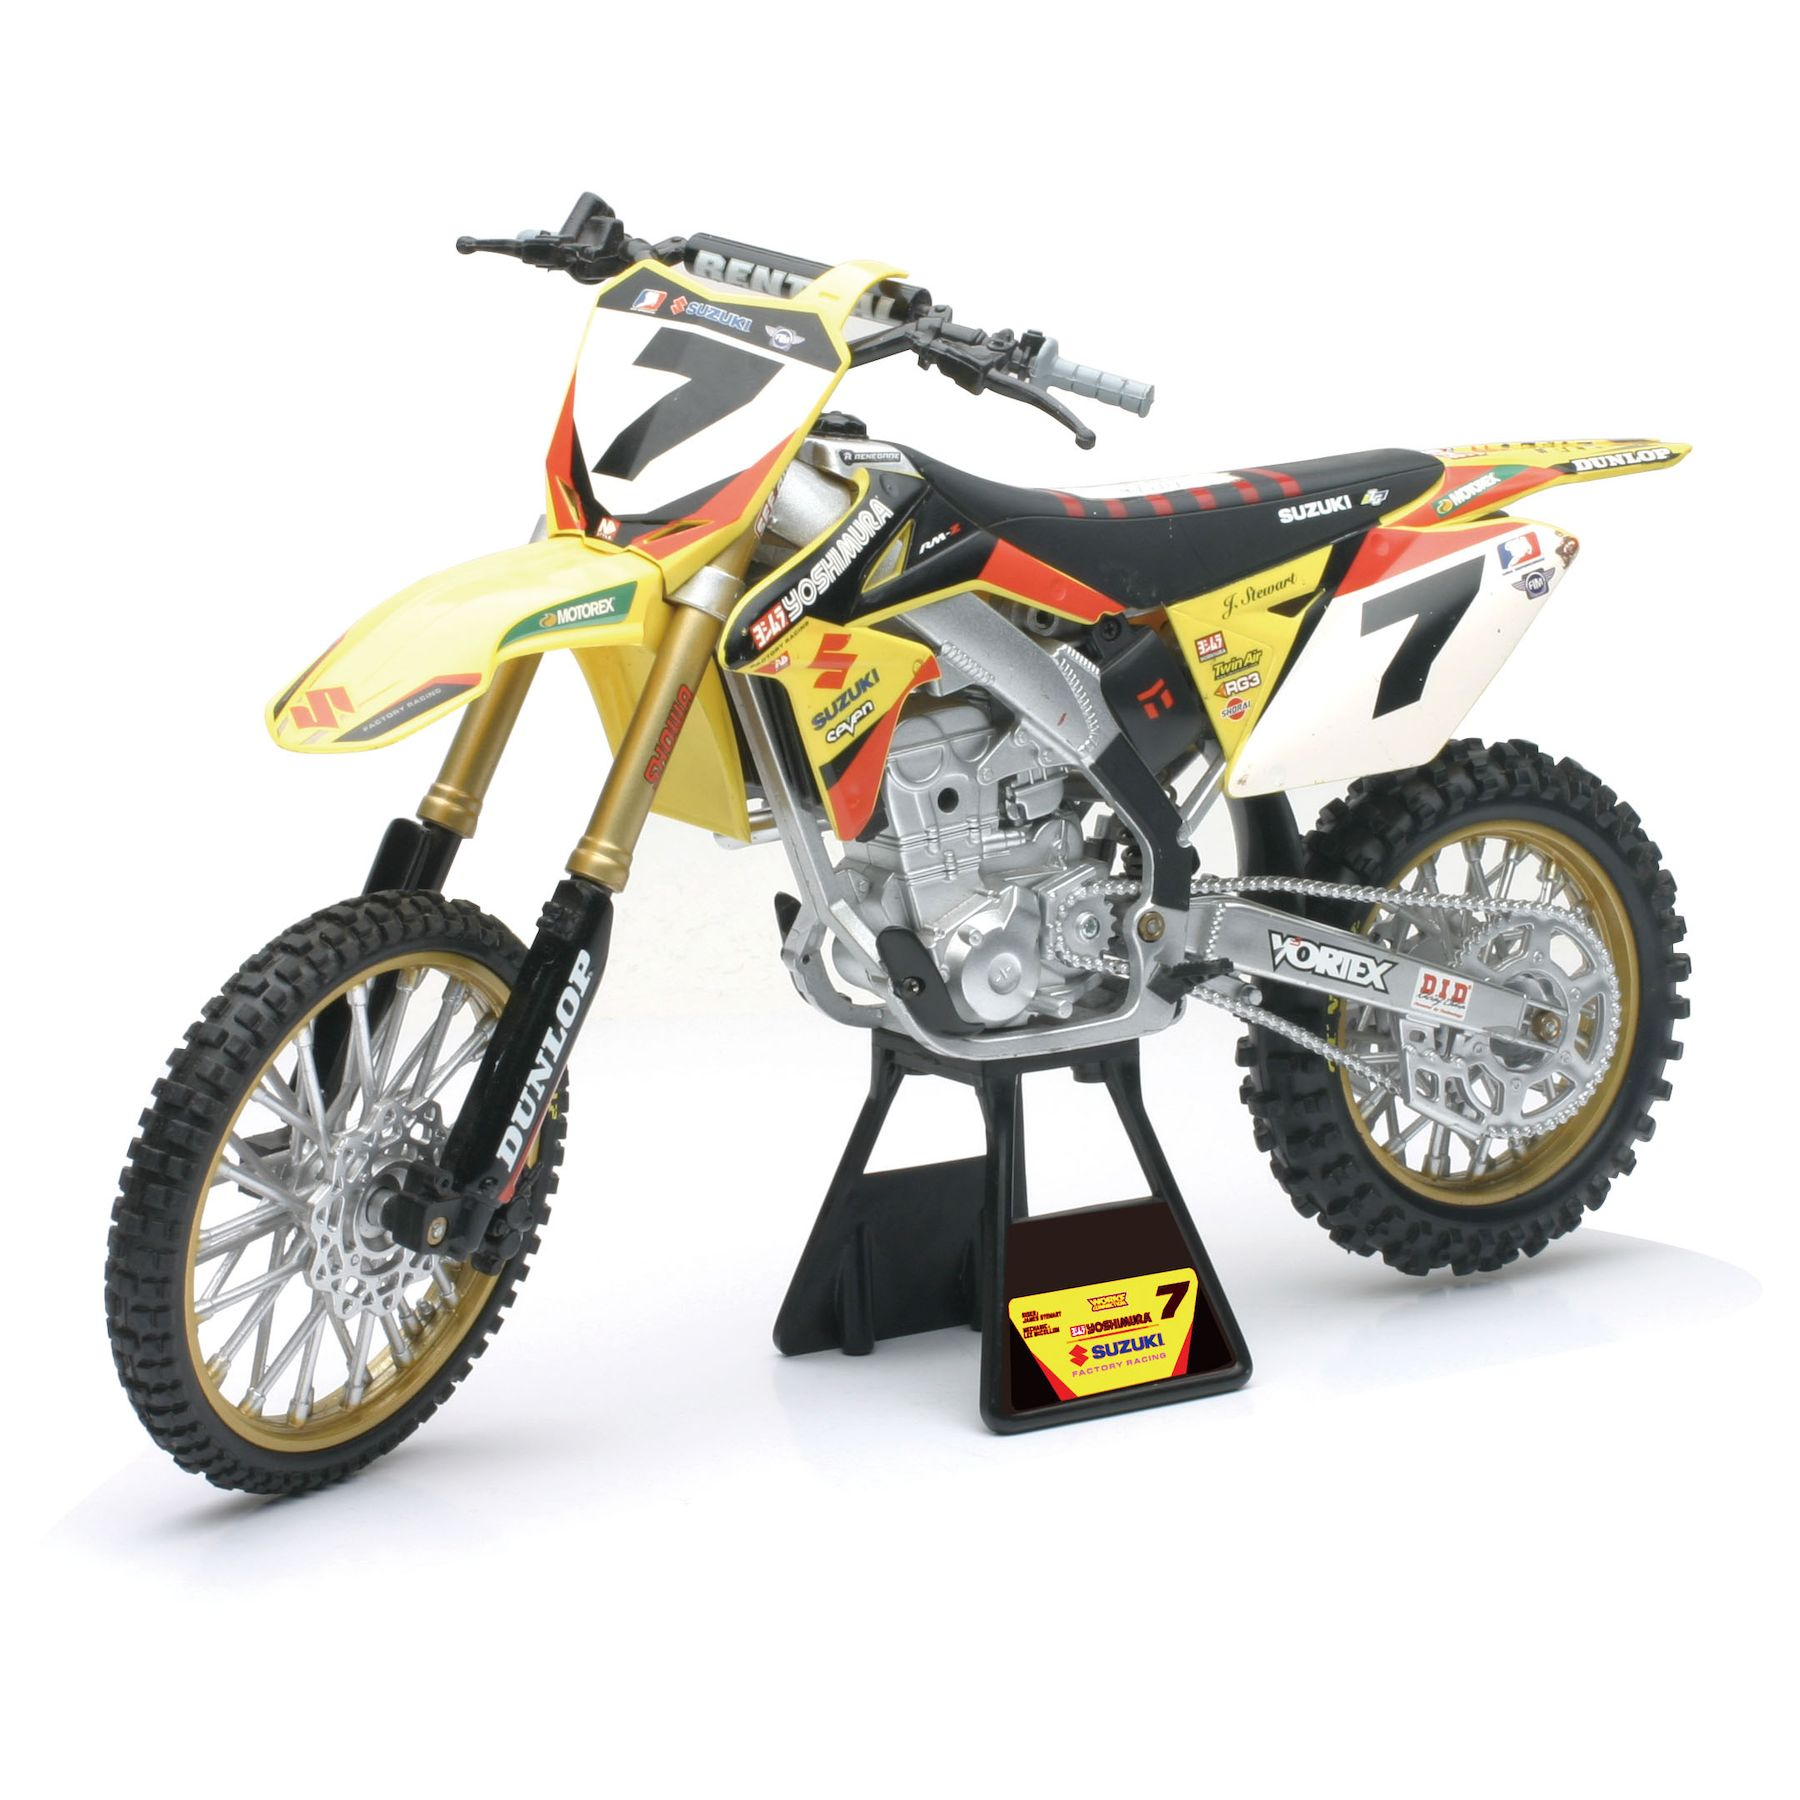 Newray suzuki rm-z450//rm-Z 450 modelo 2014 motocross 1:6